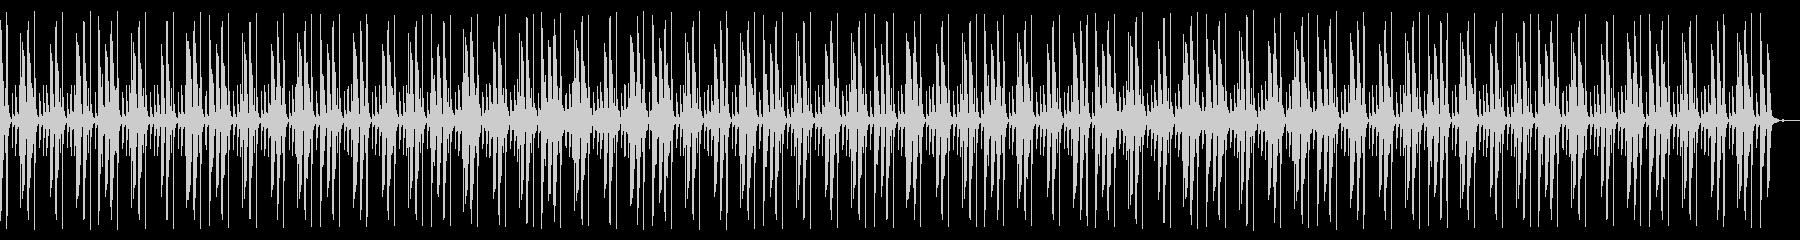 トラップ ヒップホップ 劇的な エ...の未再生の波形